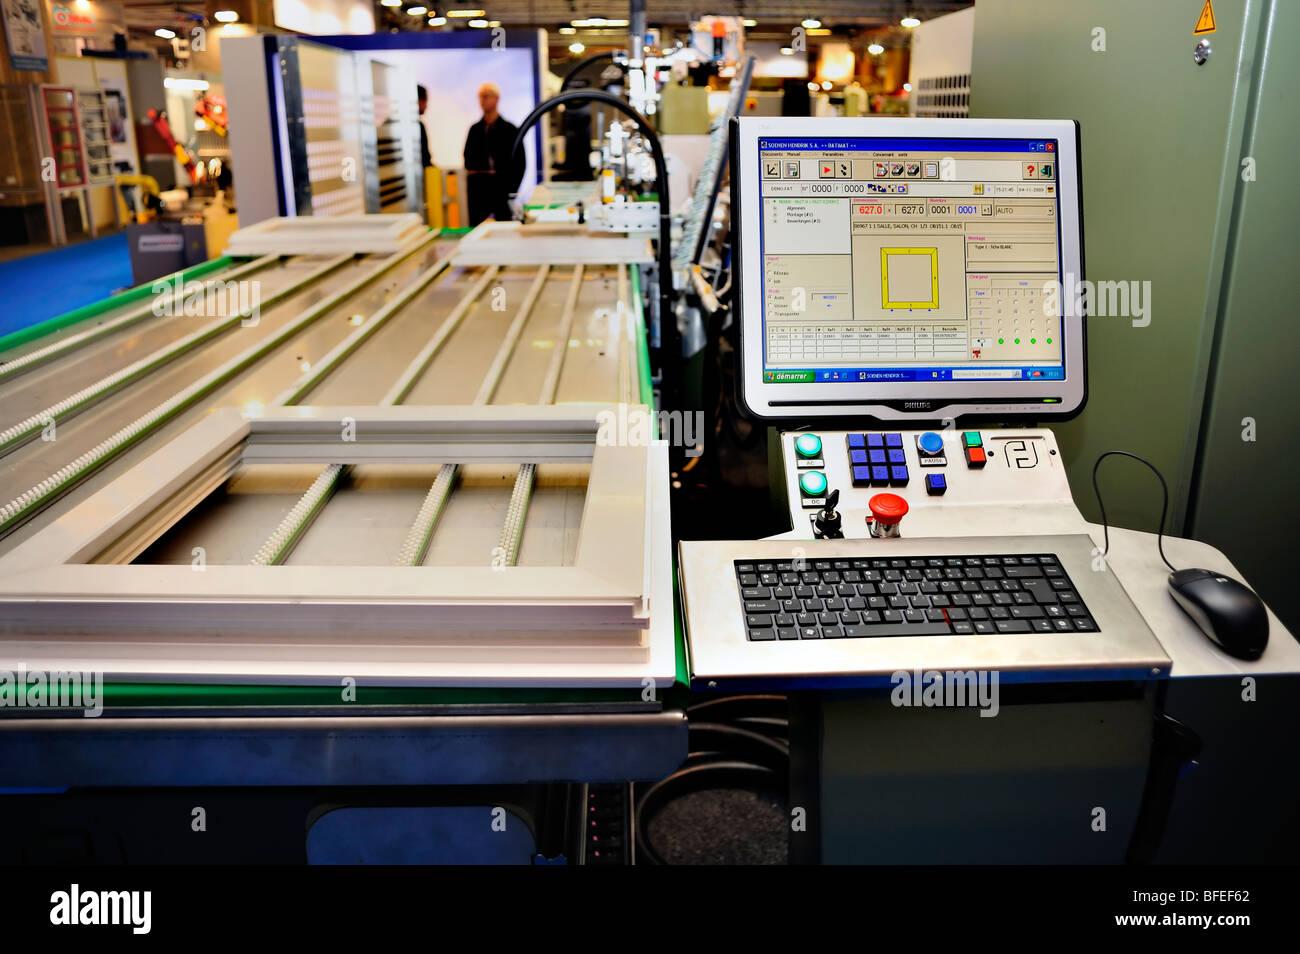 Paris, France, l'intérieur de windows en usine de fabrication, l'équipement de construction industrial trade show, 'Soenen hendrik s.a.' Banque D'Images